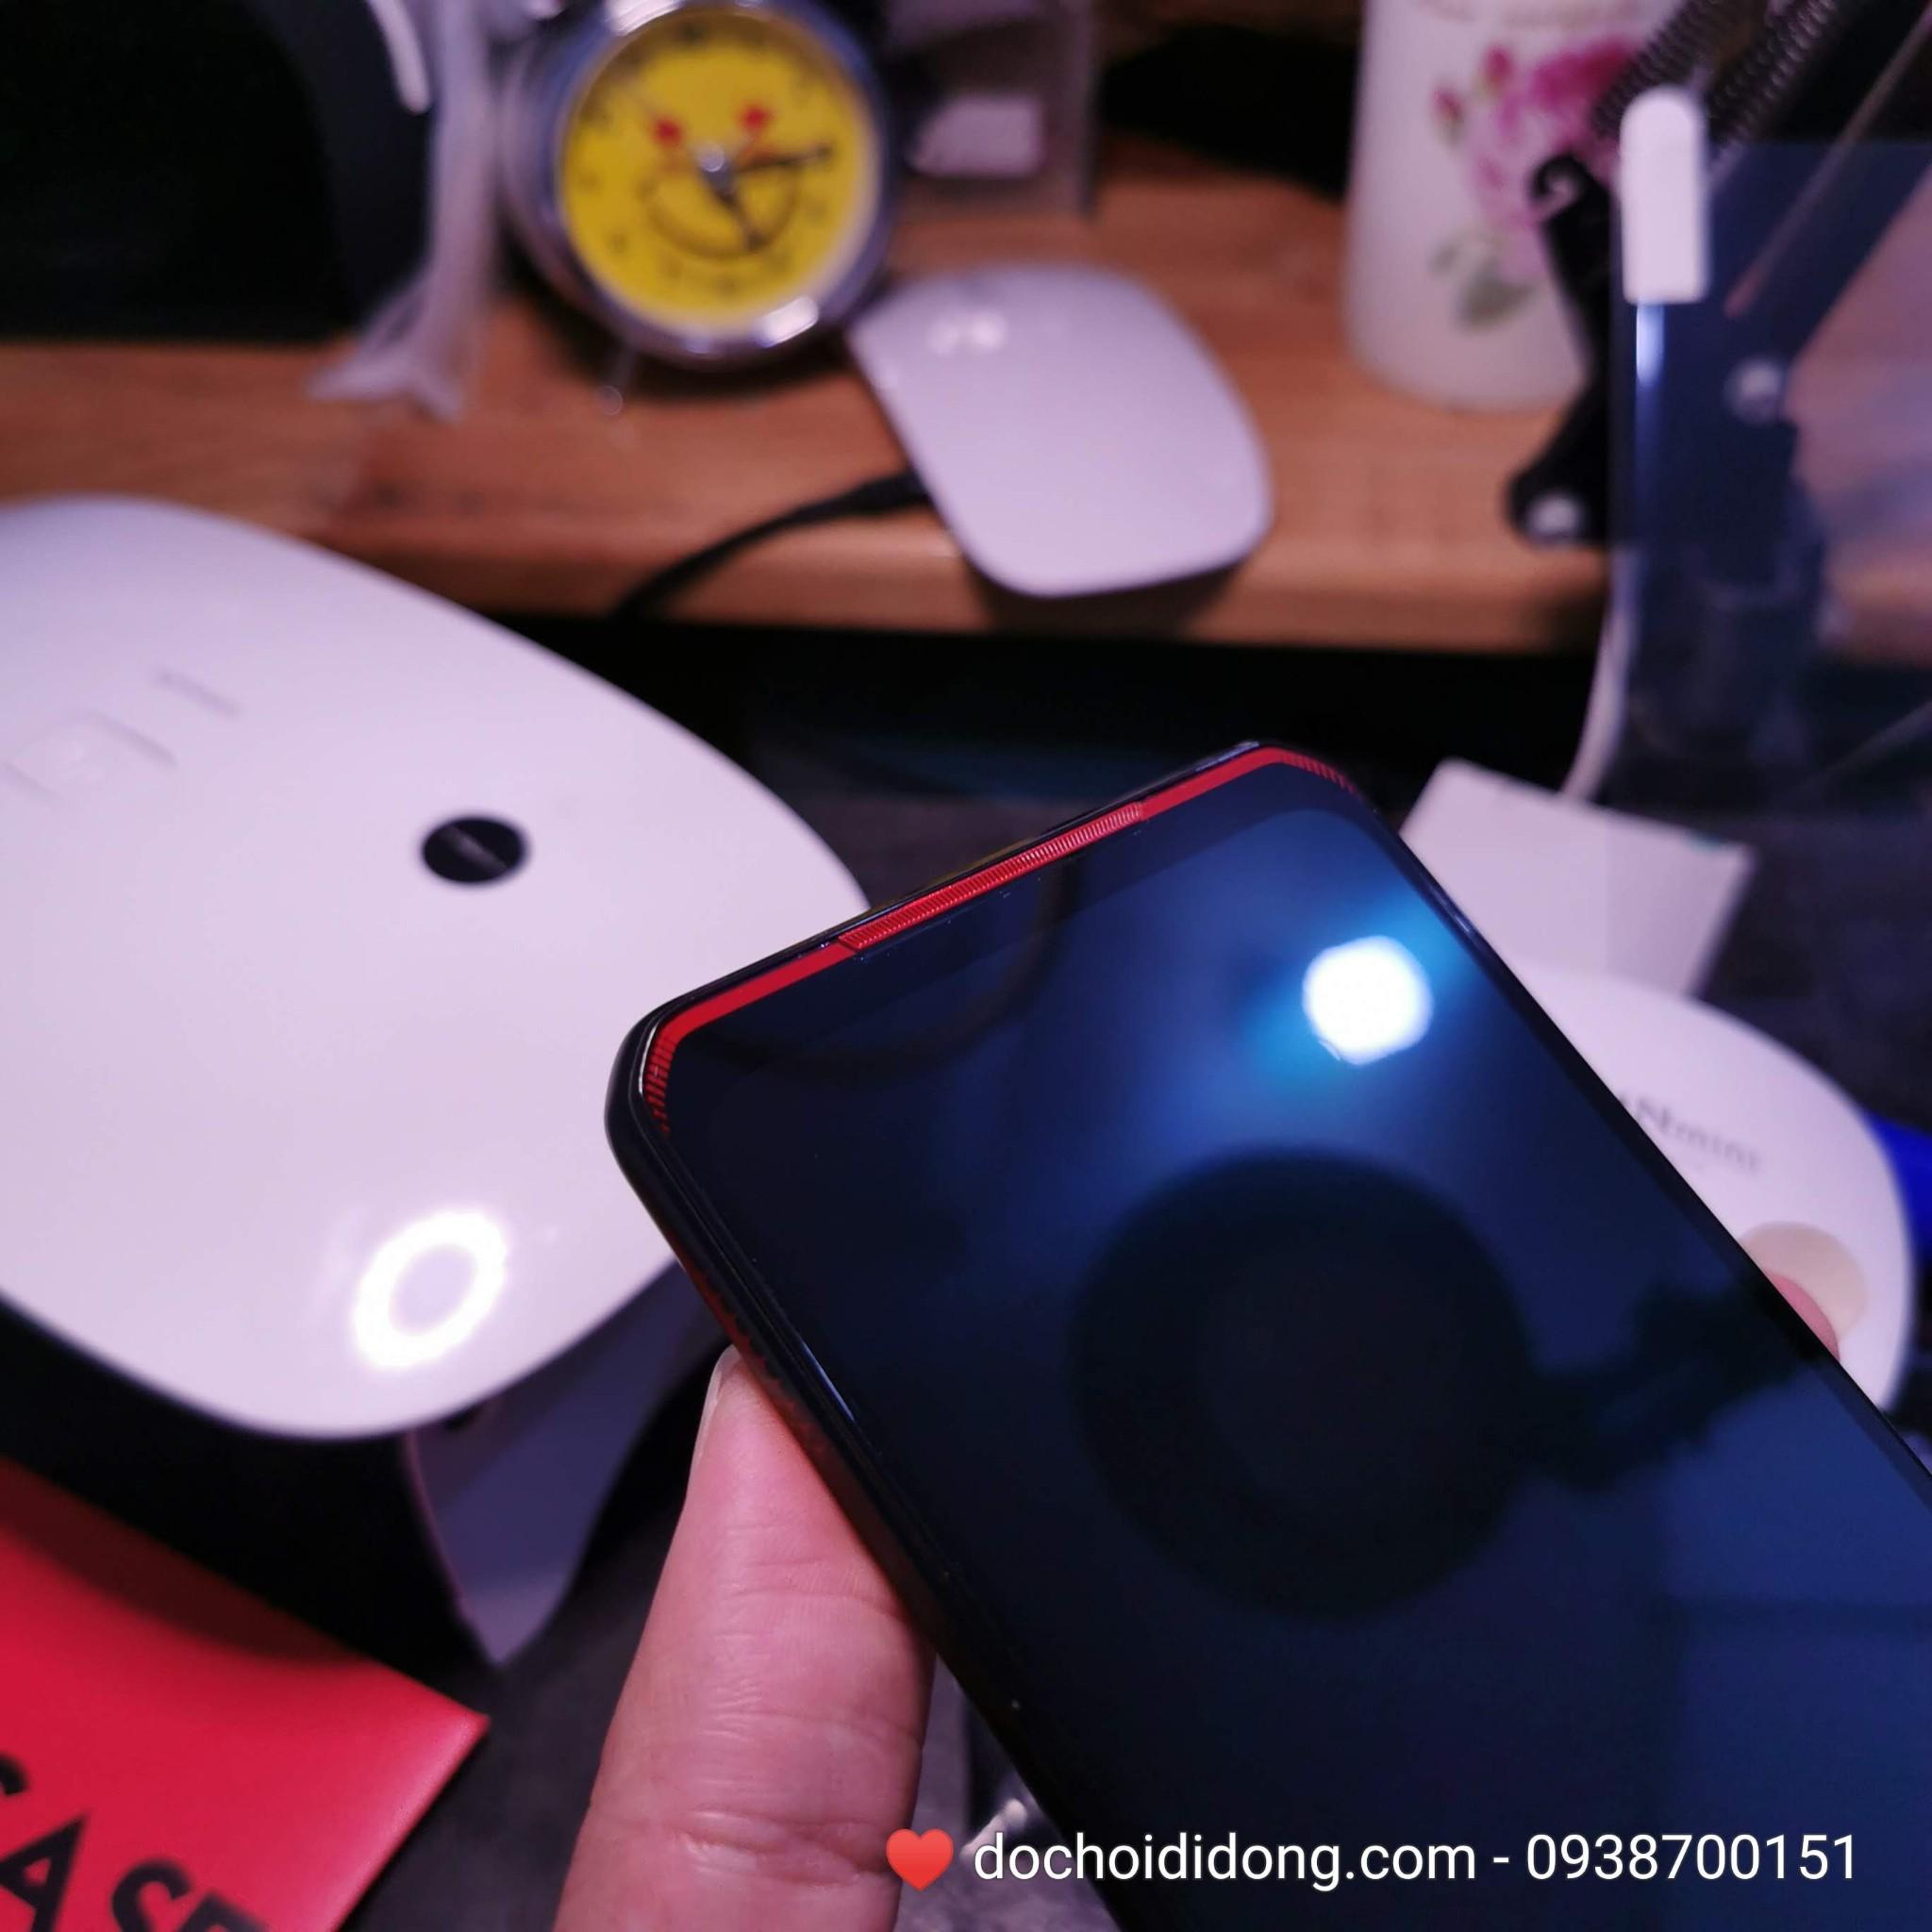 Miếng dán PPF Hydorgen Lenovo Legion Pro trong, nhám, đổi màu cao cấp